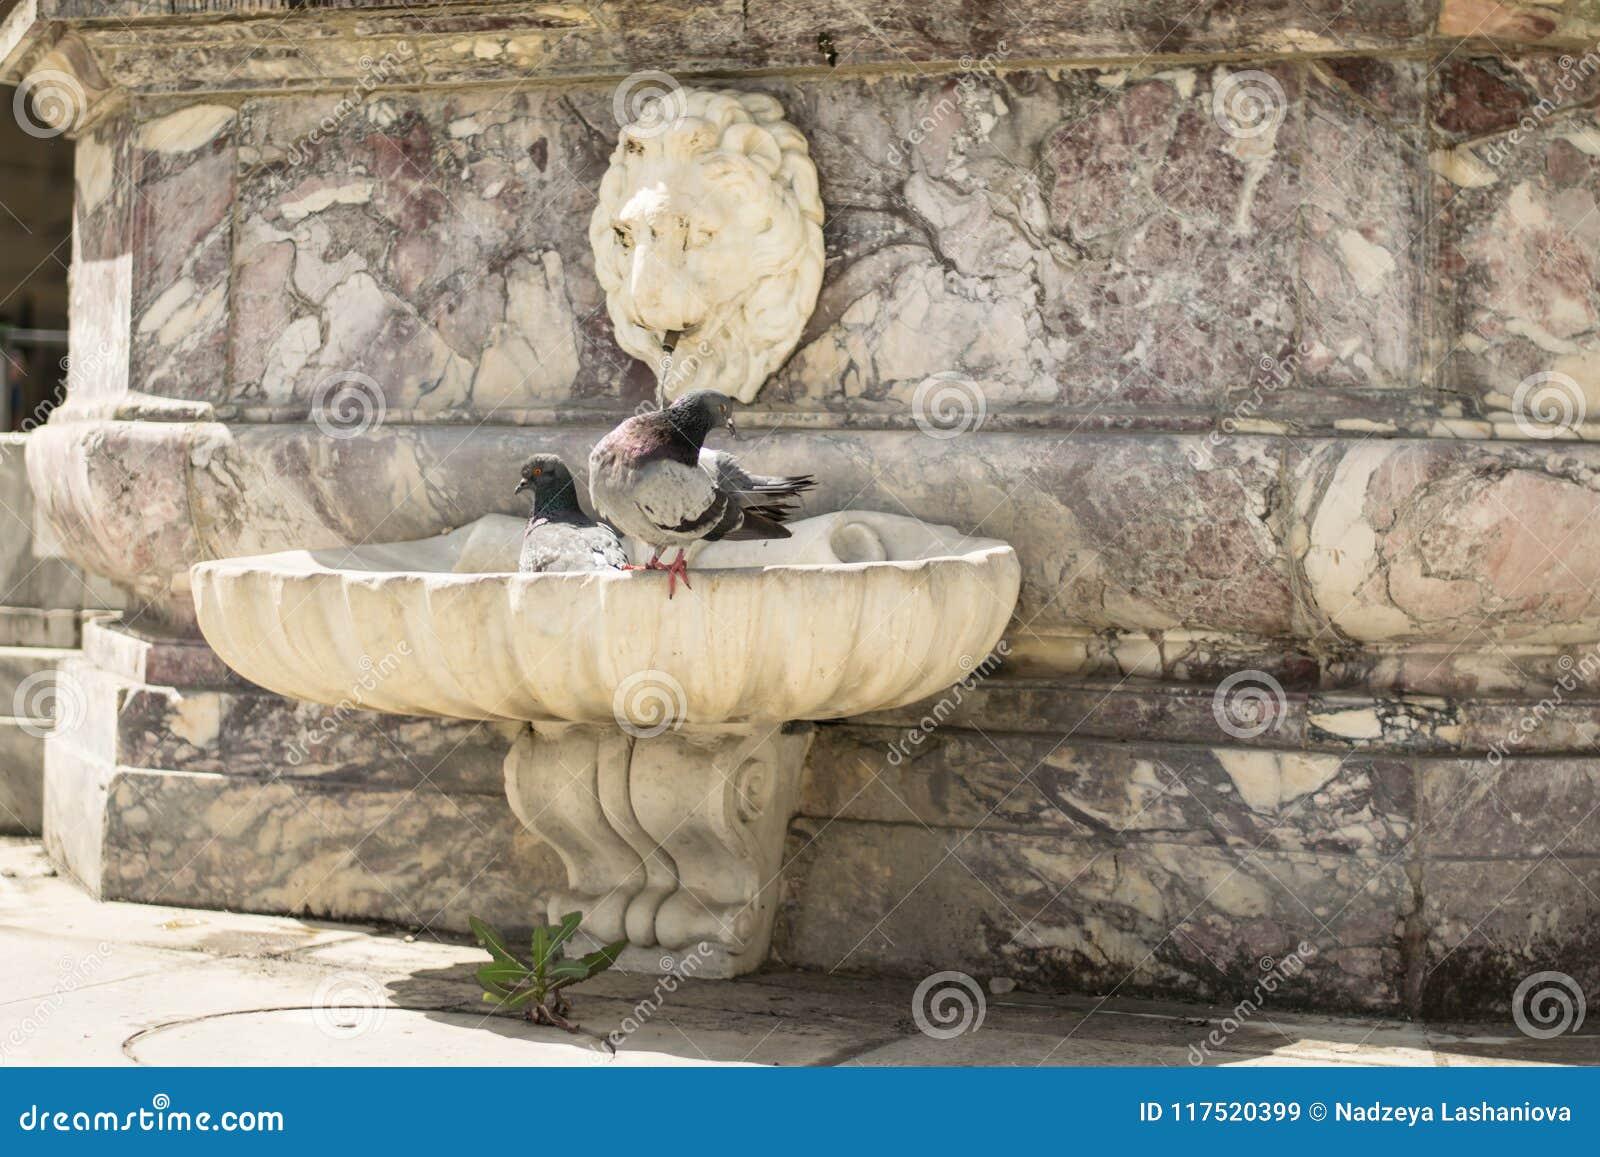 Firenze, Italia - 24 aprile 2018: due piccioni che si raffreddano in una fontana vicino alla basilica dell incrocio santo